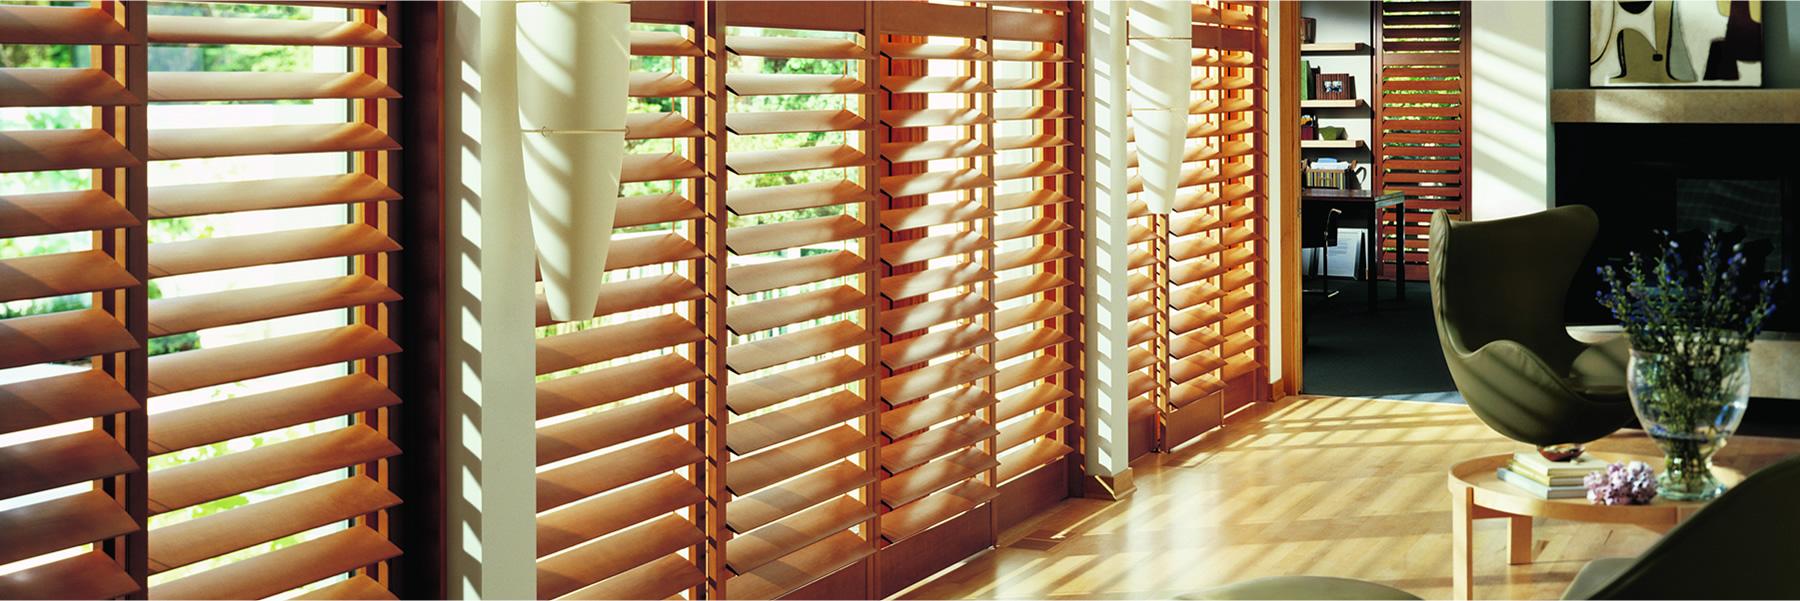 slide 1 - shutters